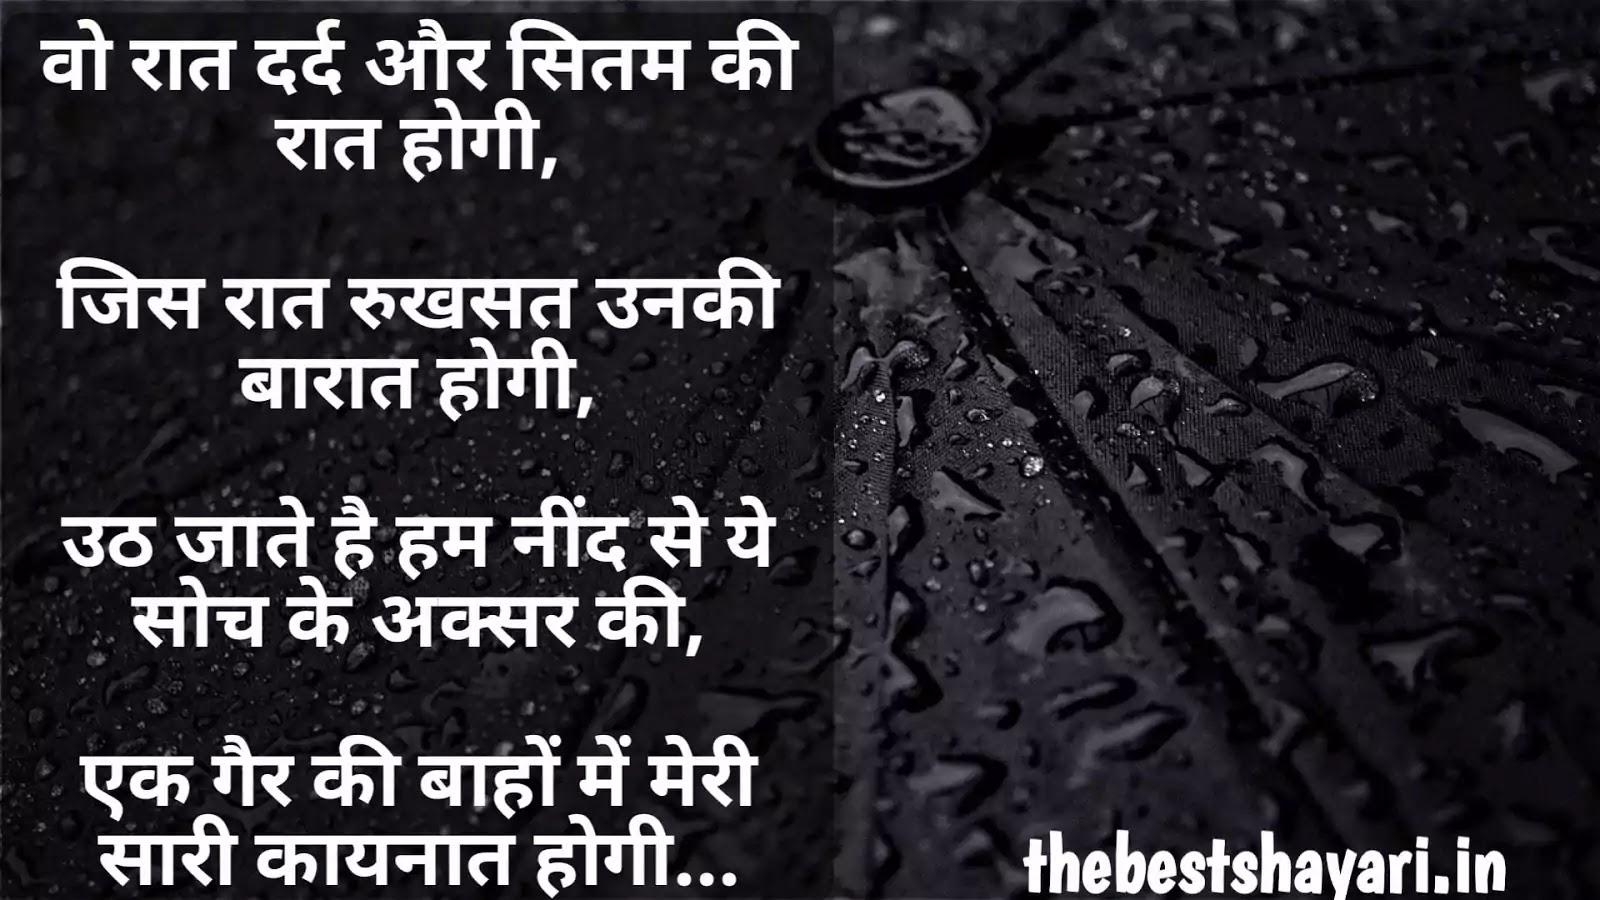 Pyar ka dard shayari Hindi